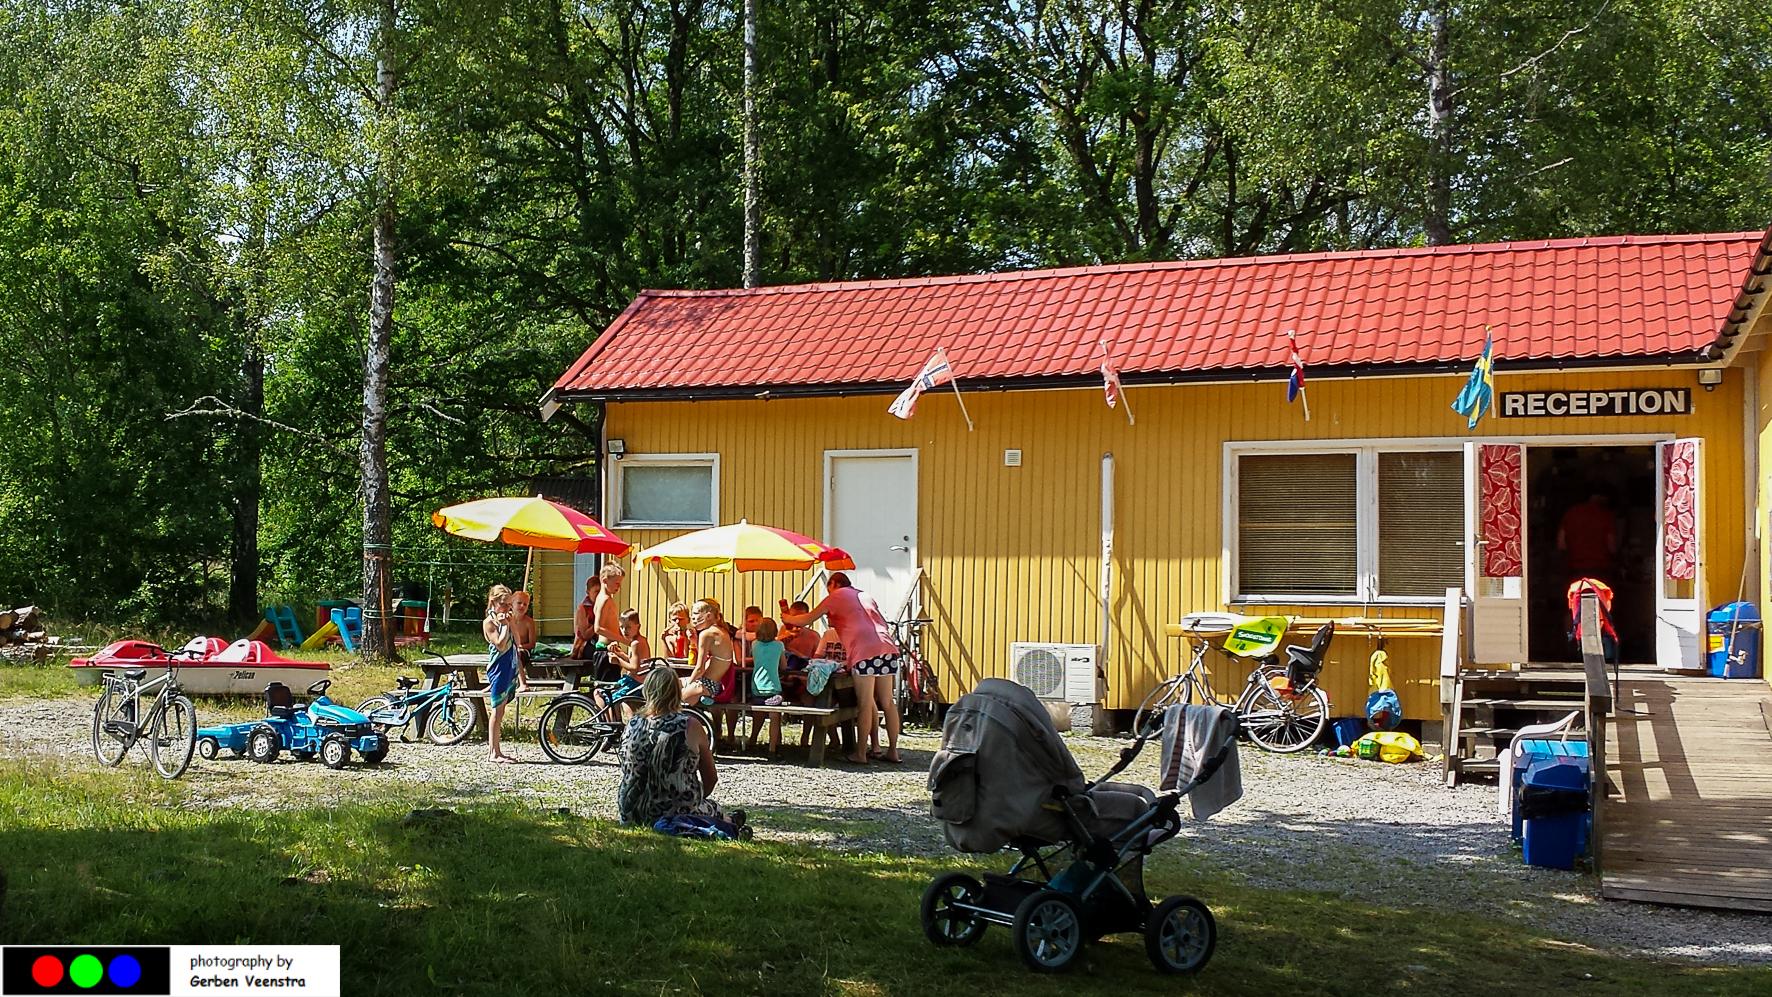 Camping in Zweden: receptie Stensjö Camping